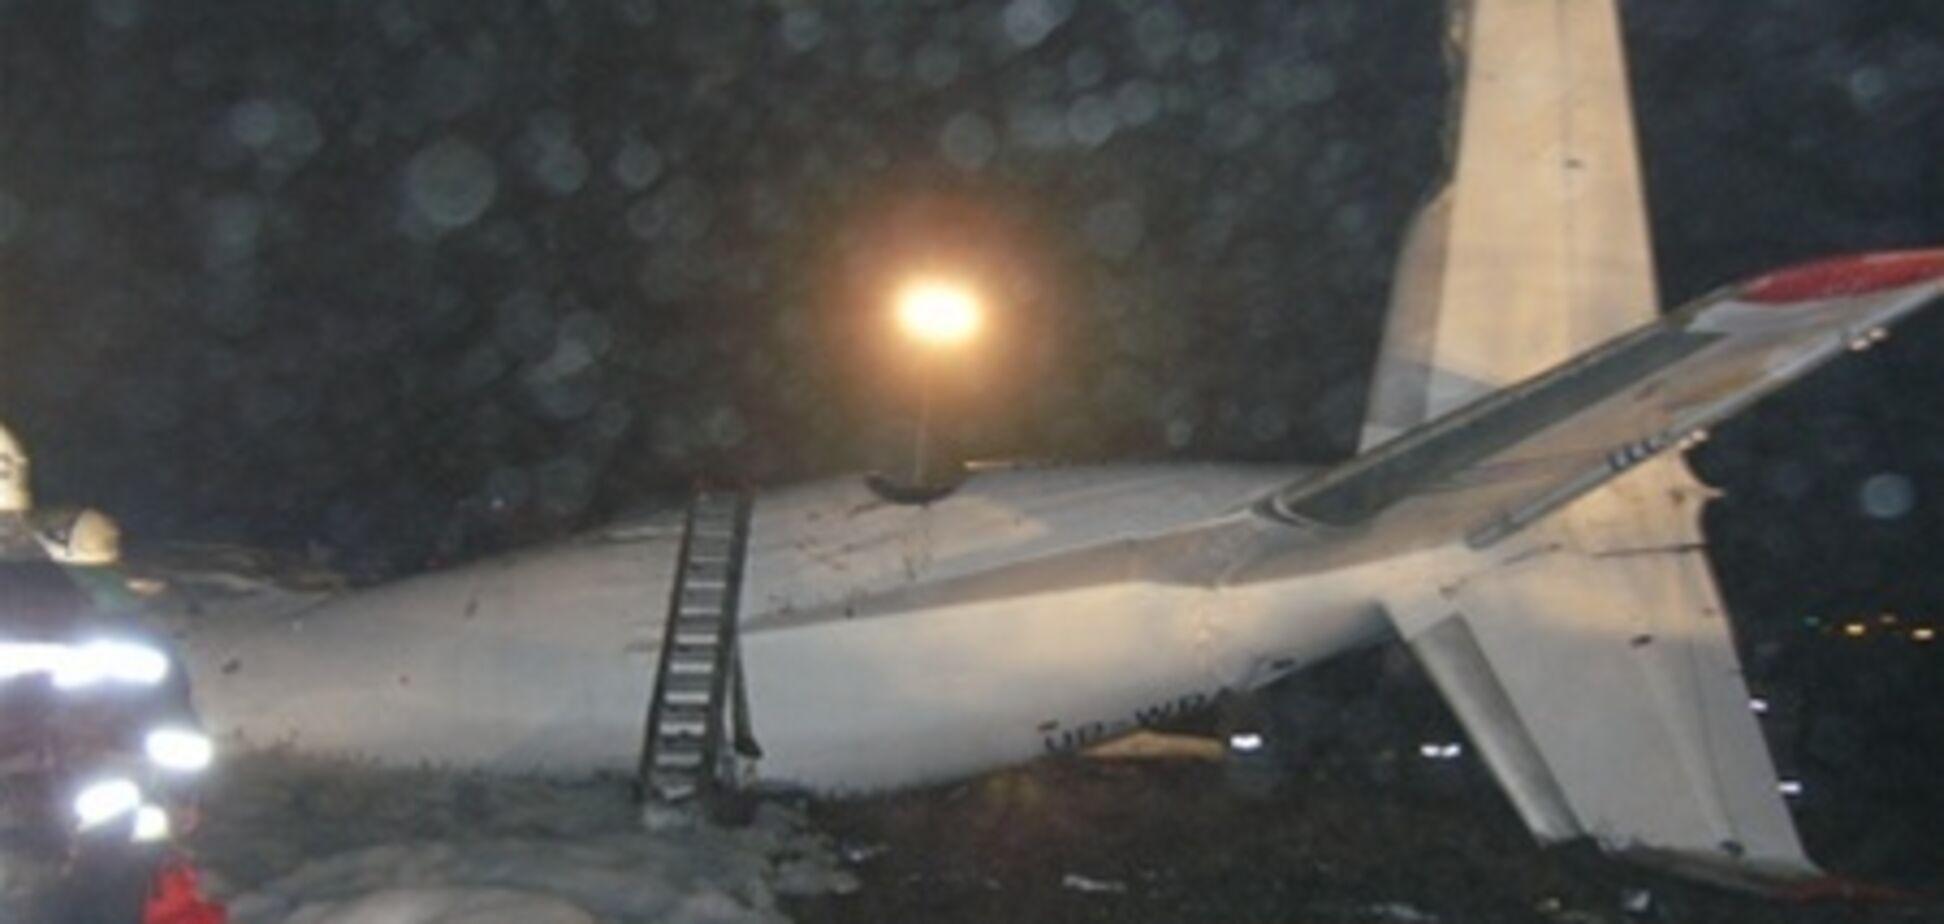 Названа ймовірна причина аварії Ан-24. Відео